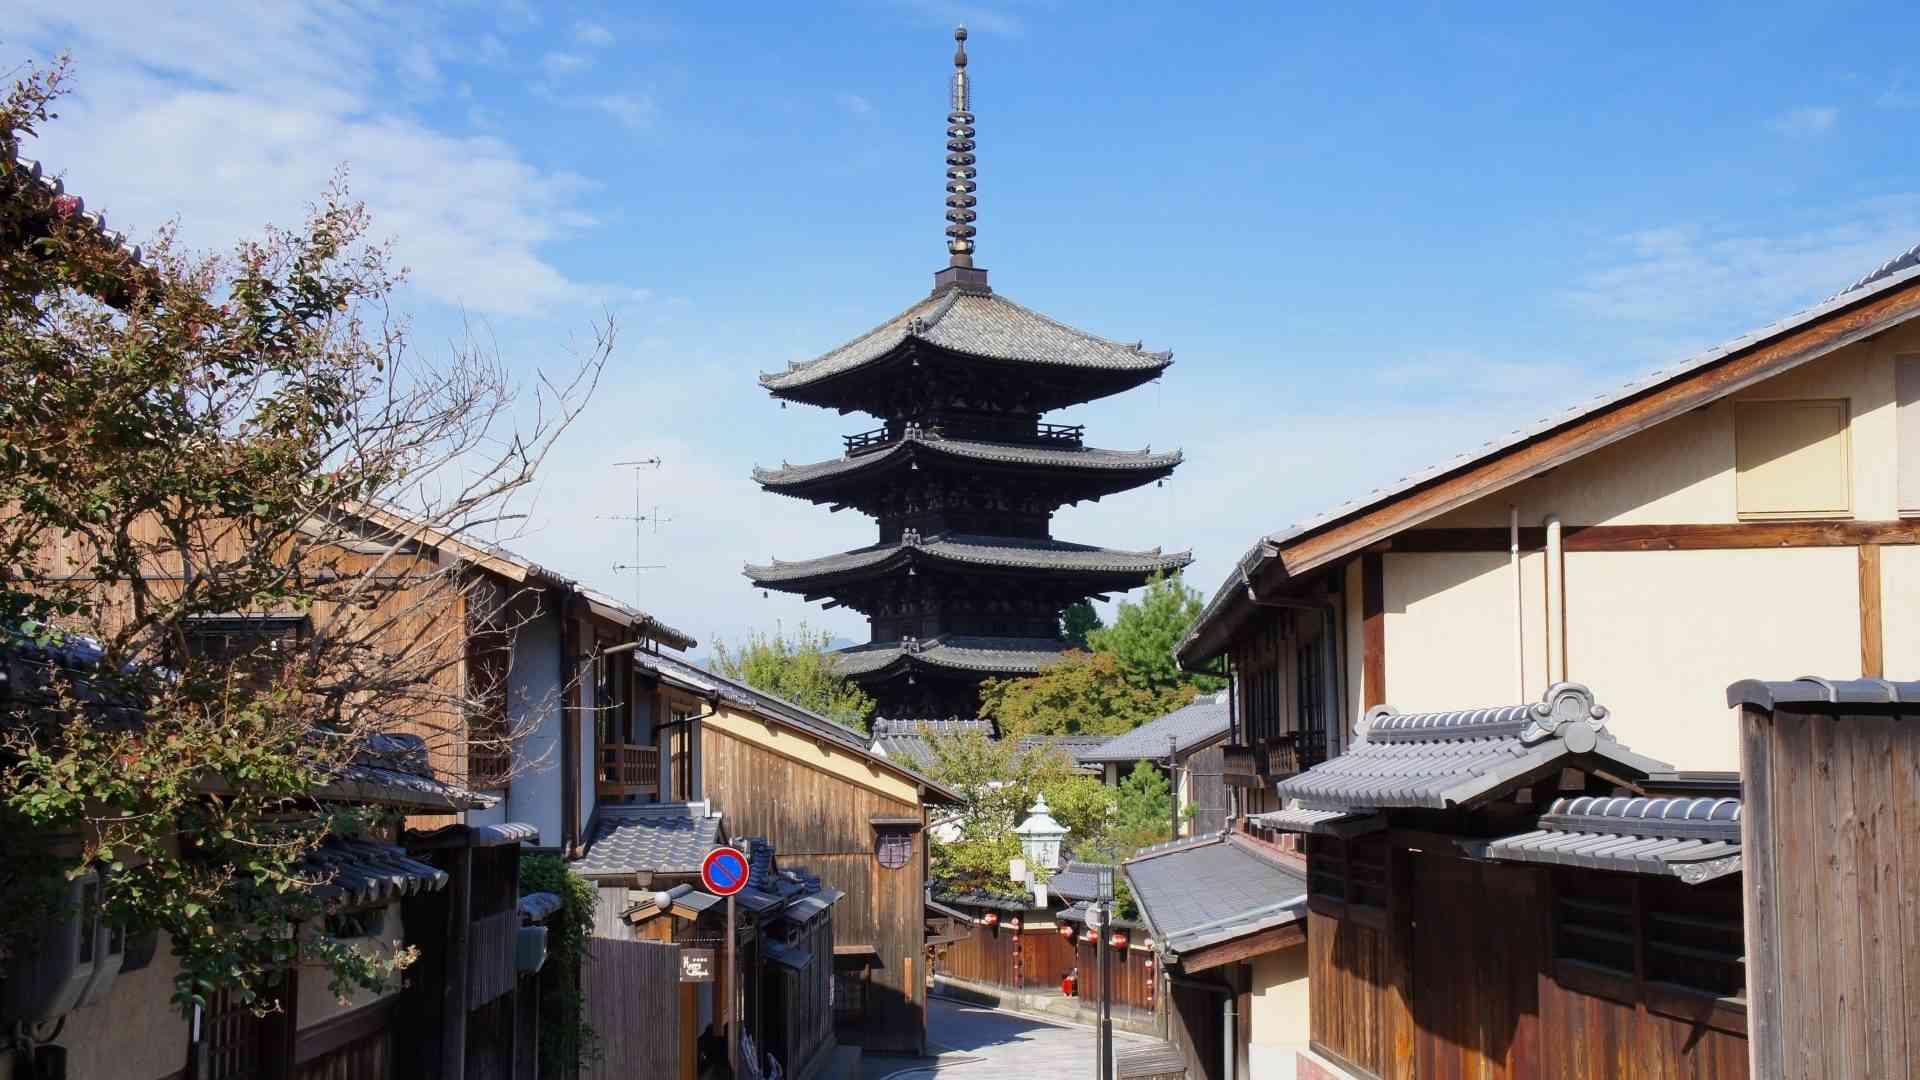 Hokanji Kyoto